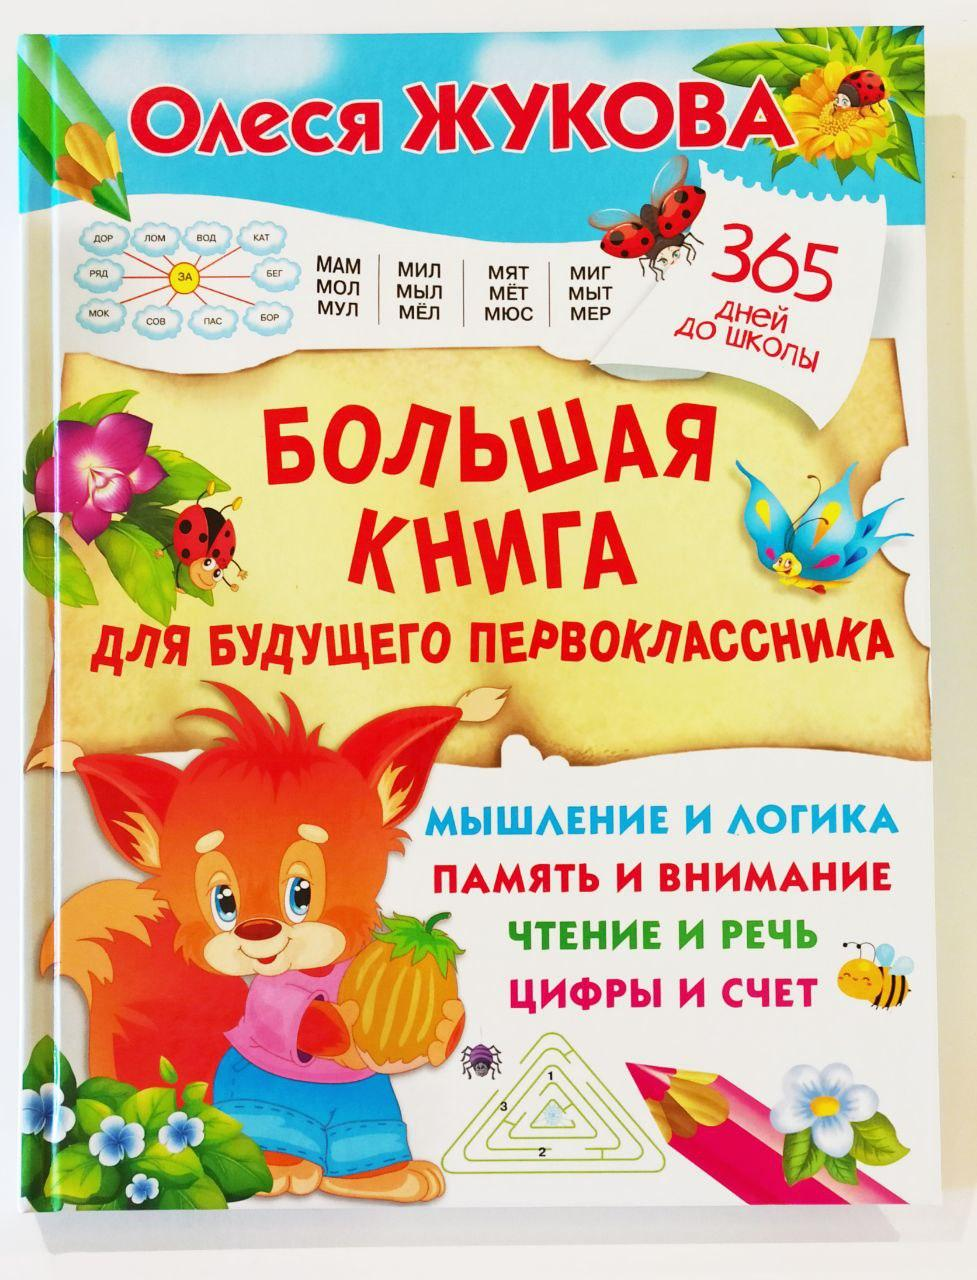 Большая книга для будущего первоклассника. 365 дней до школы. Олеся Жукова.